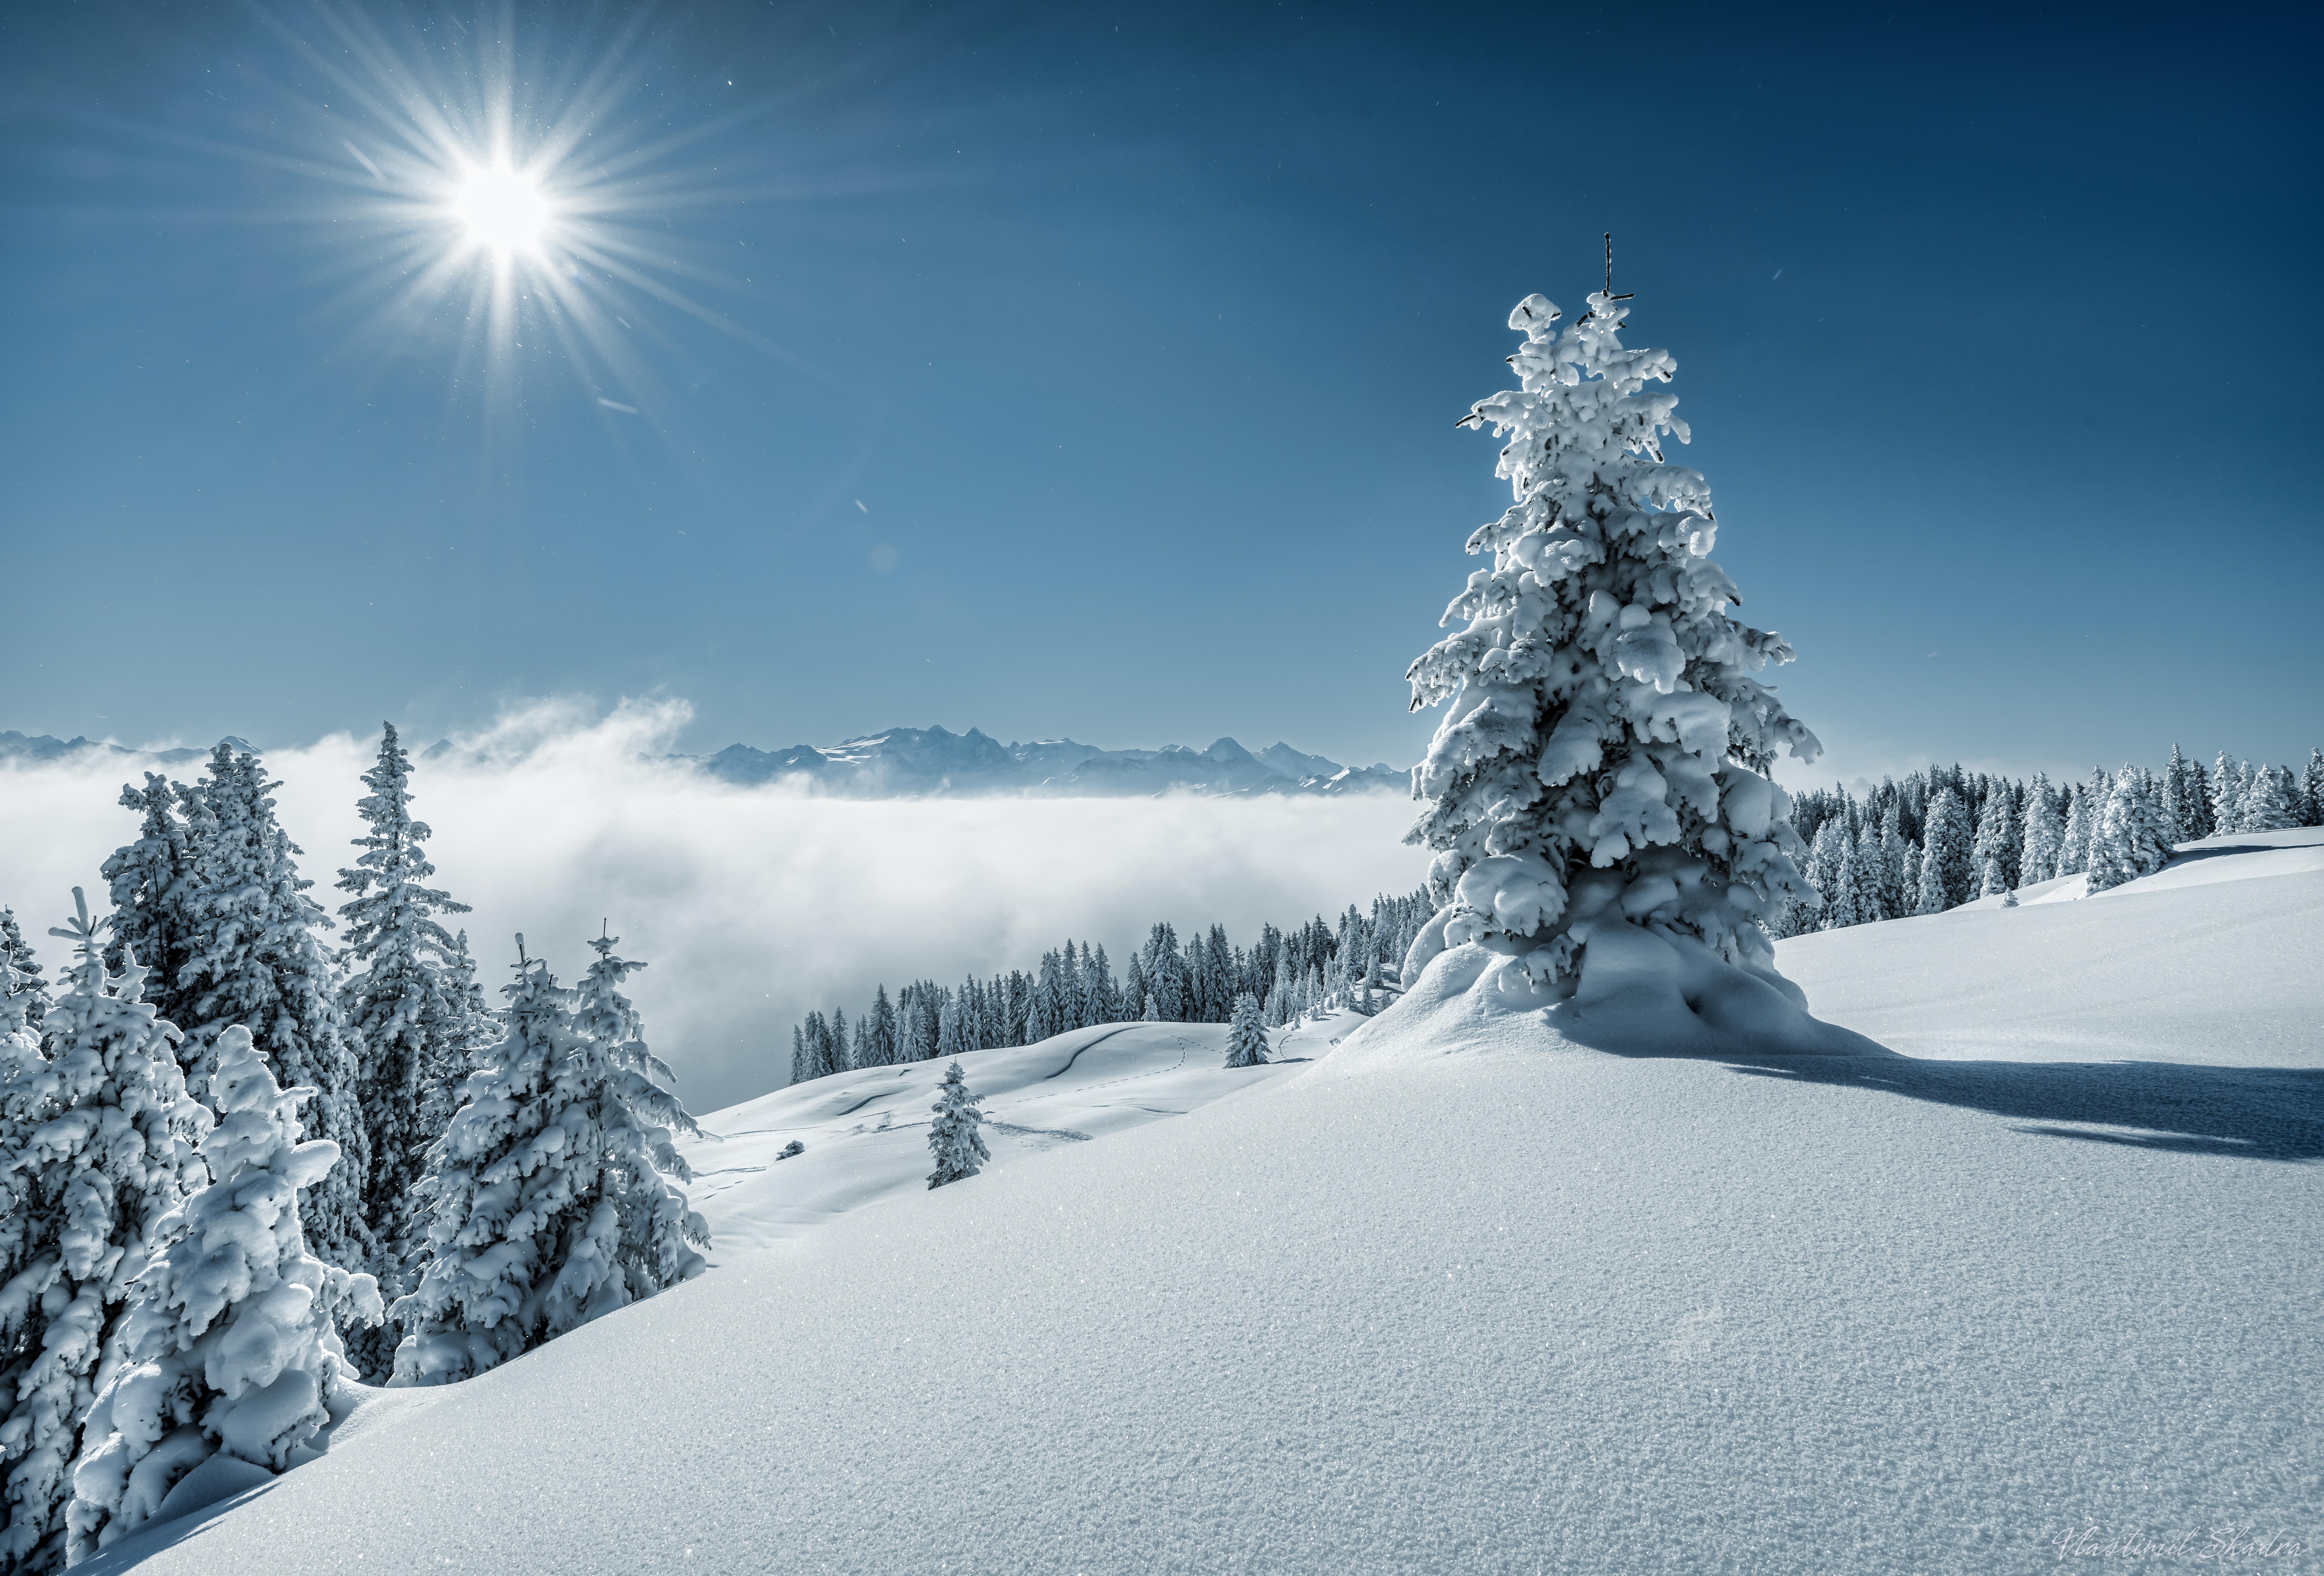 デスクトップ壁紙 冬 雪 空 自然 山岳地形 凍結 山脈 霜